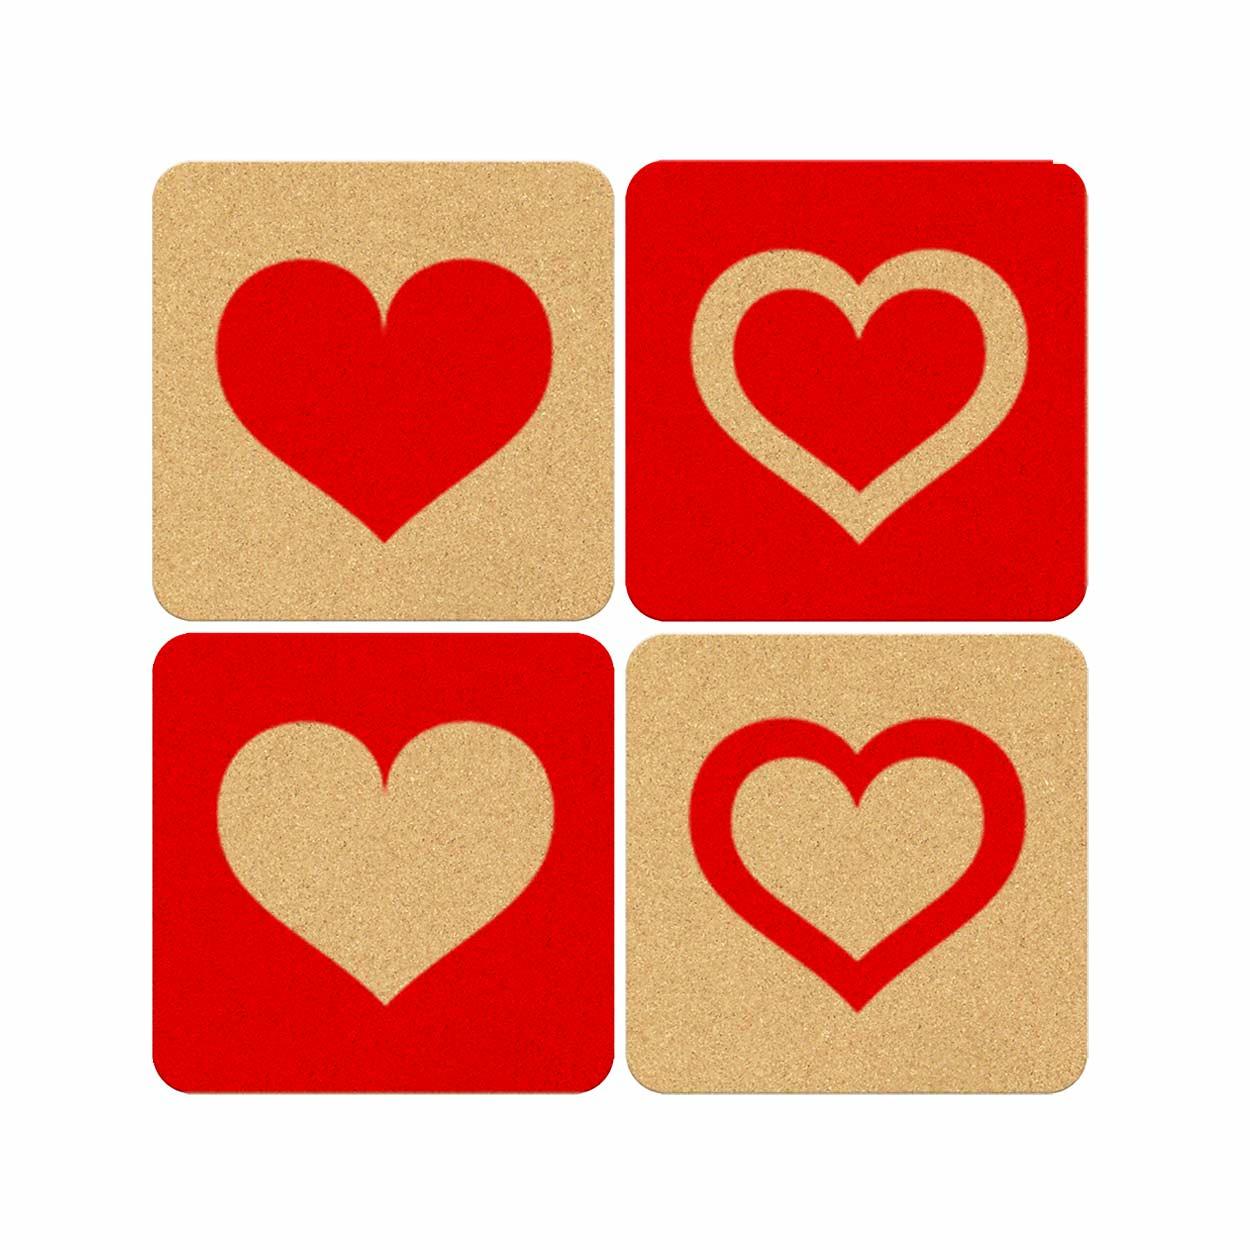 Bases Copos Corações